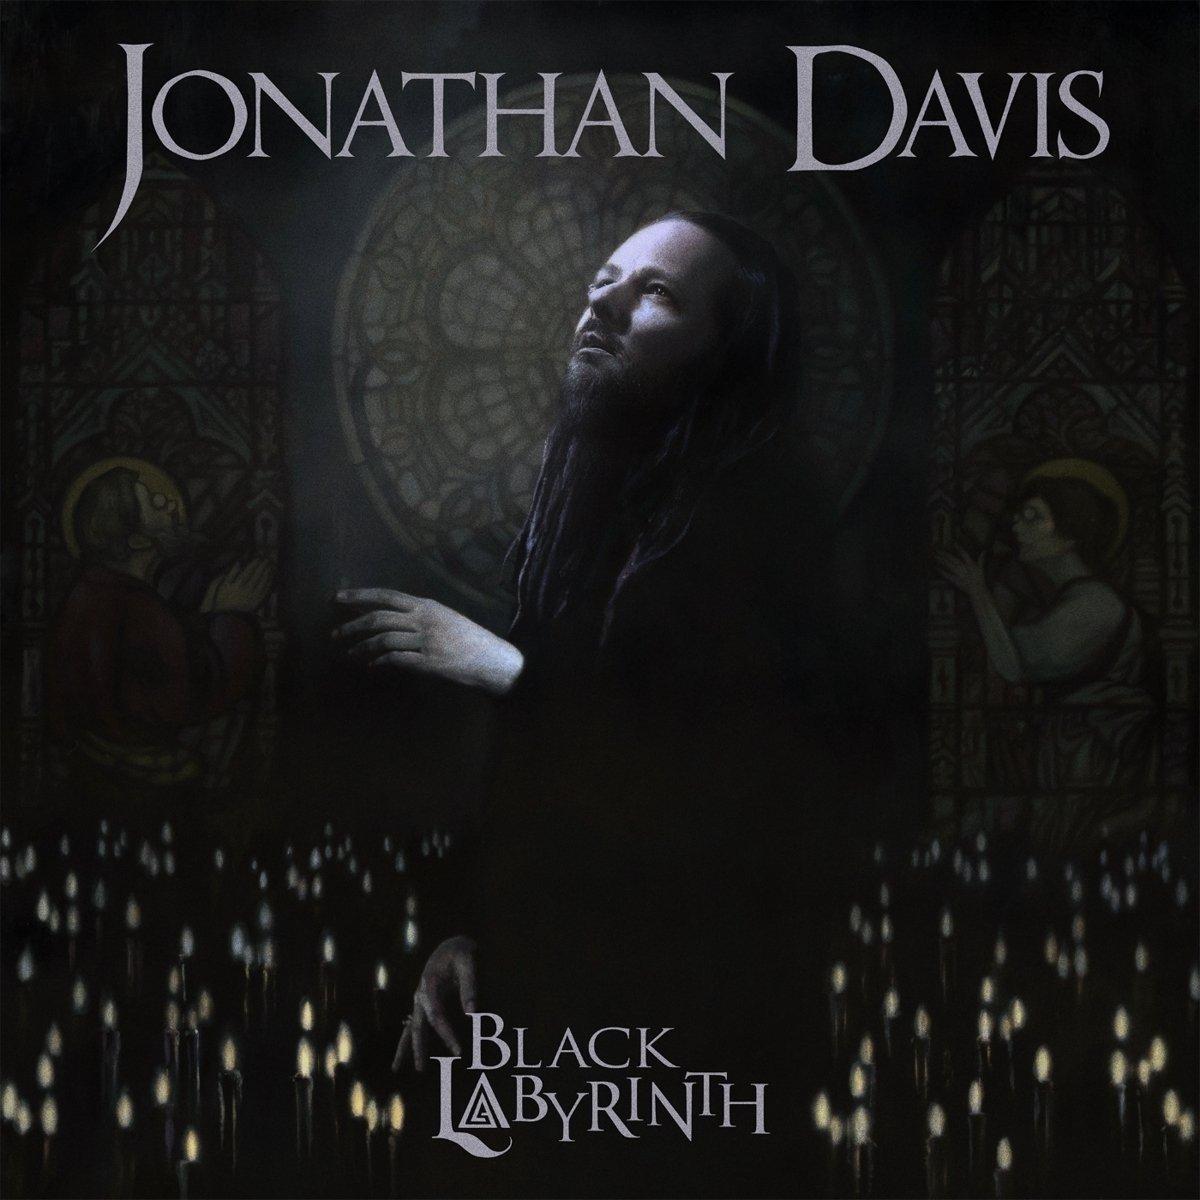 【輸入盤】ブラック・ラビリンス [ JONATHAN DAVIS ]